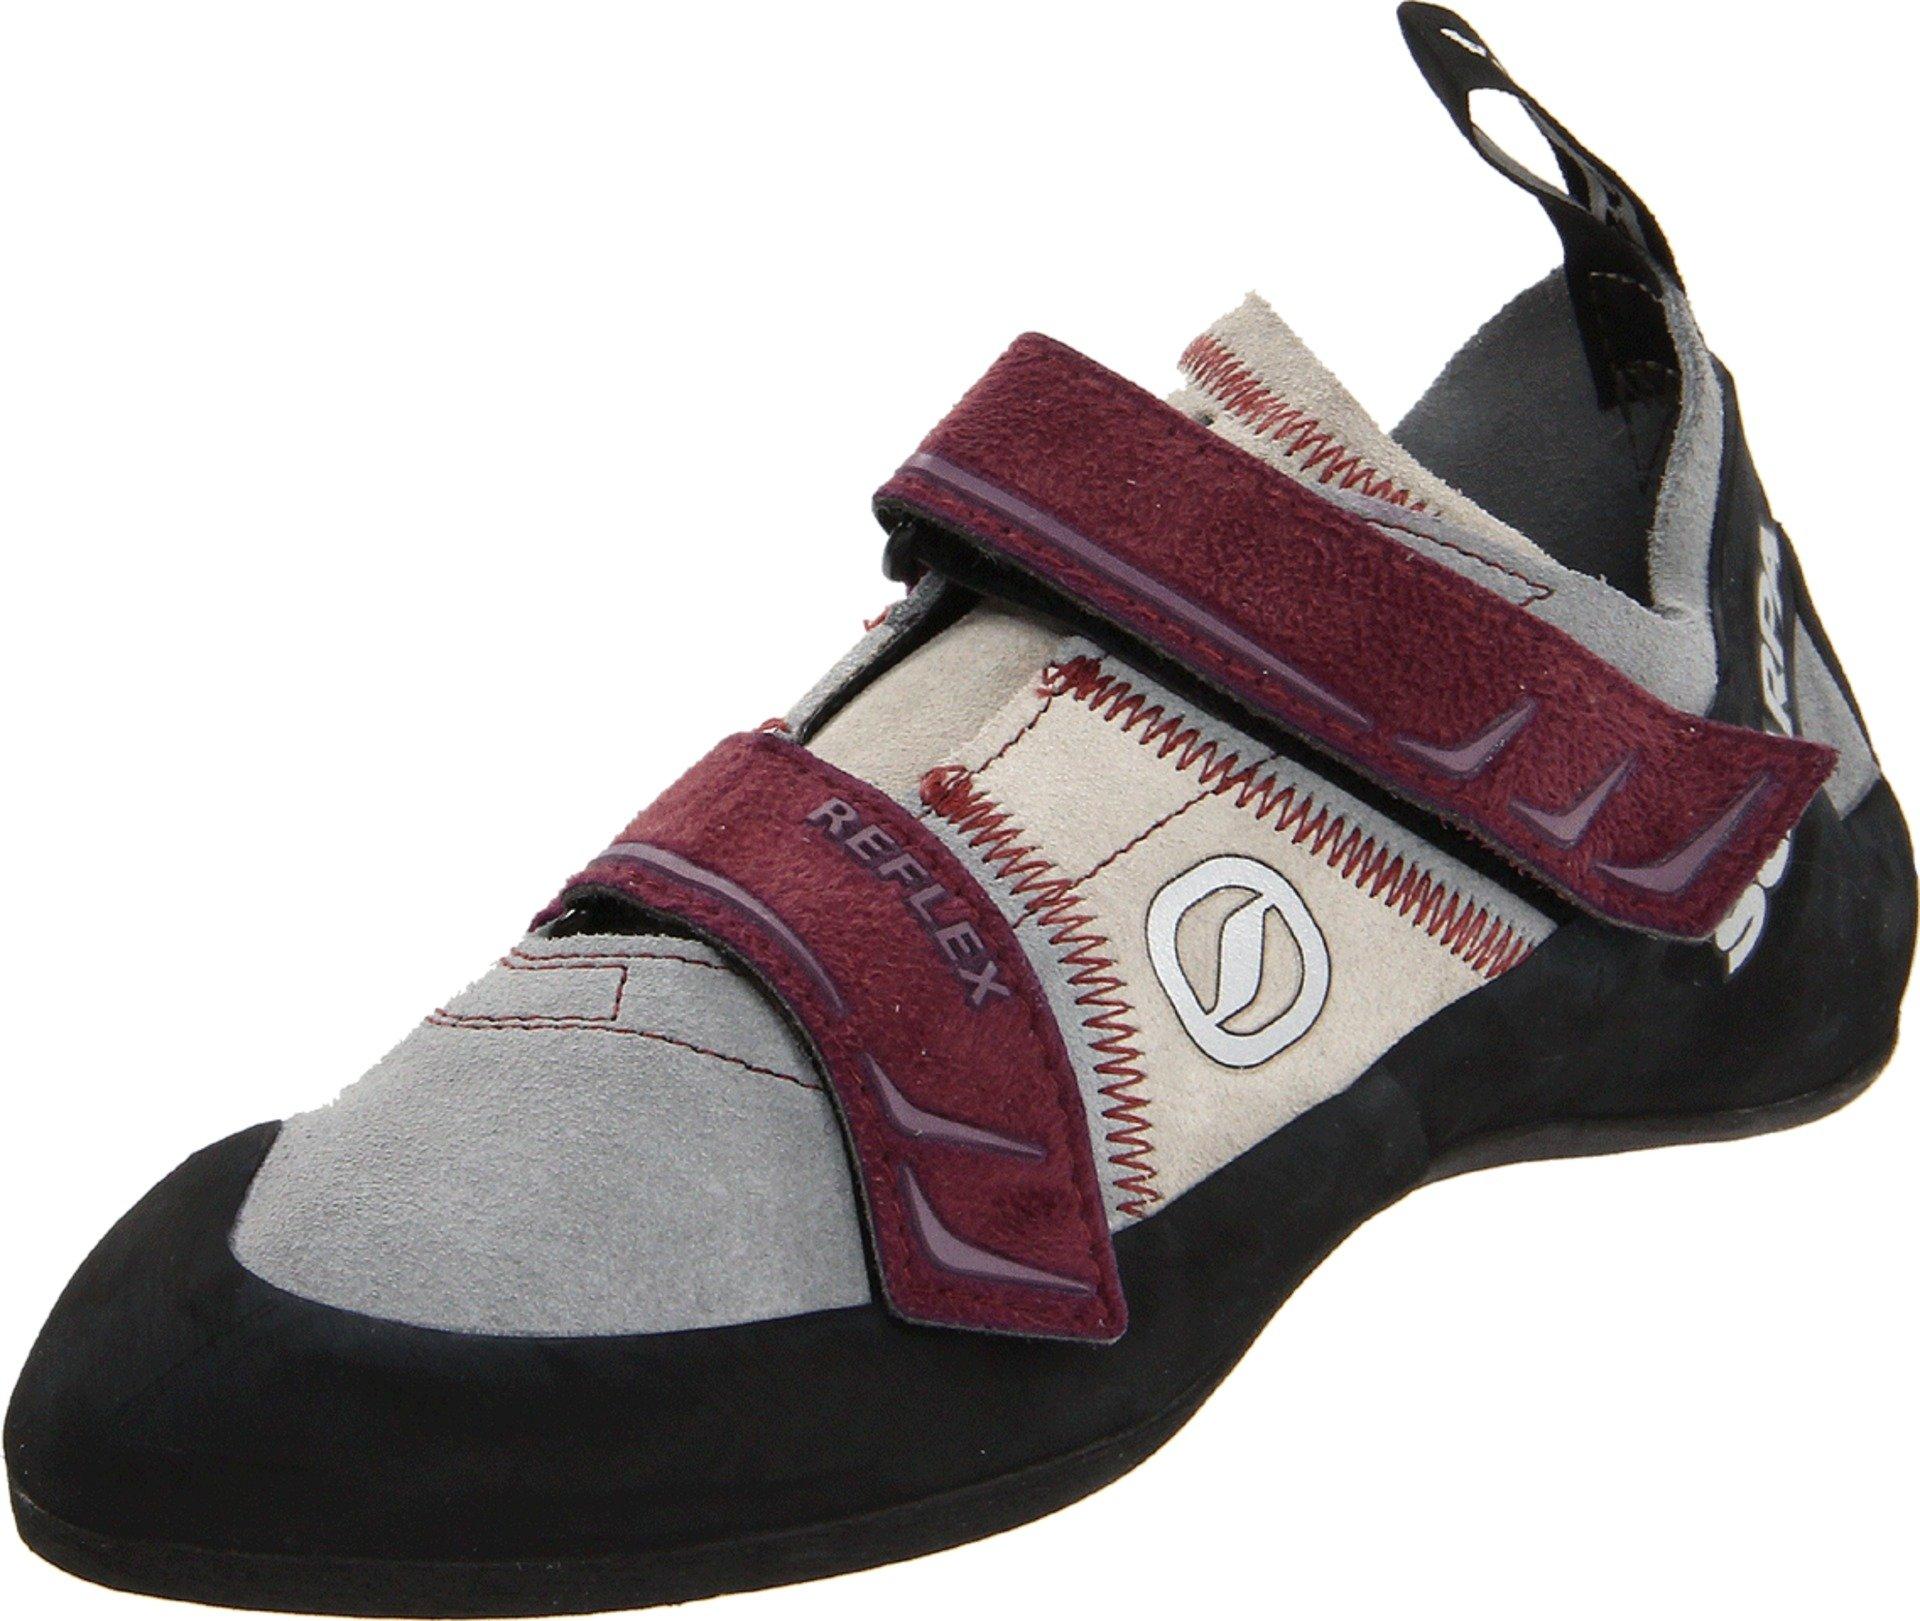 Scarpa Women's Reflex Climbing Shoe,Pewter/Plum,37.5 EU/6.5 M US